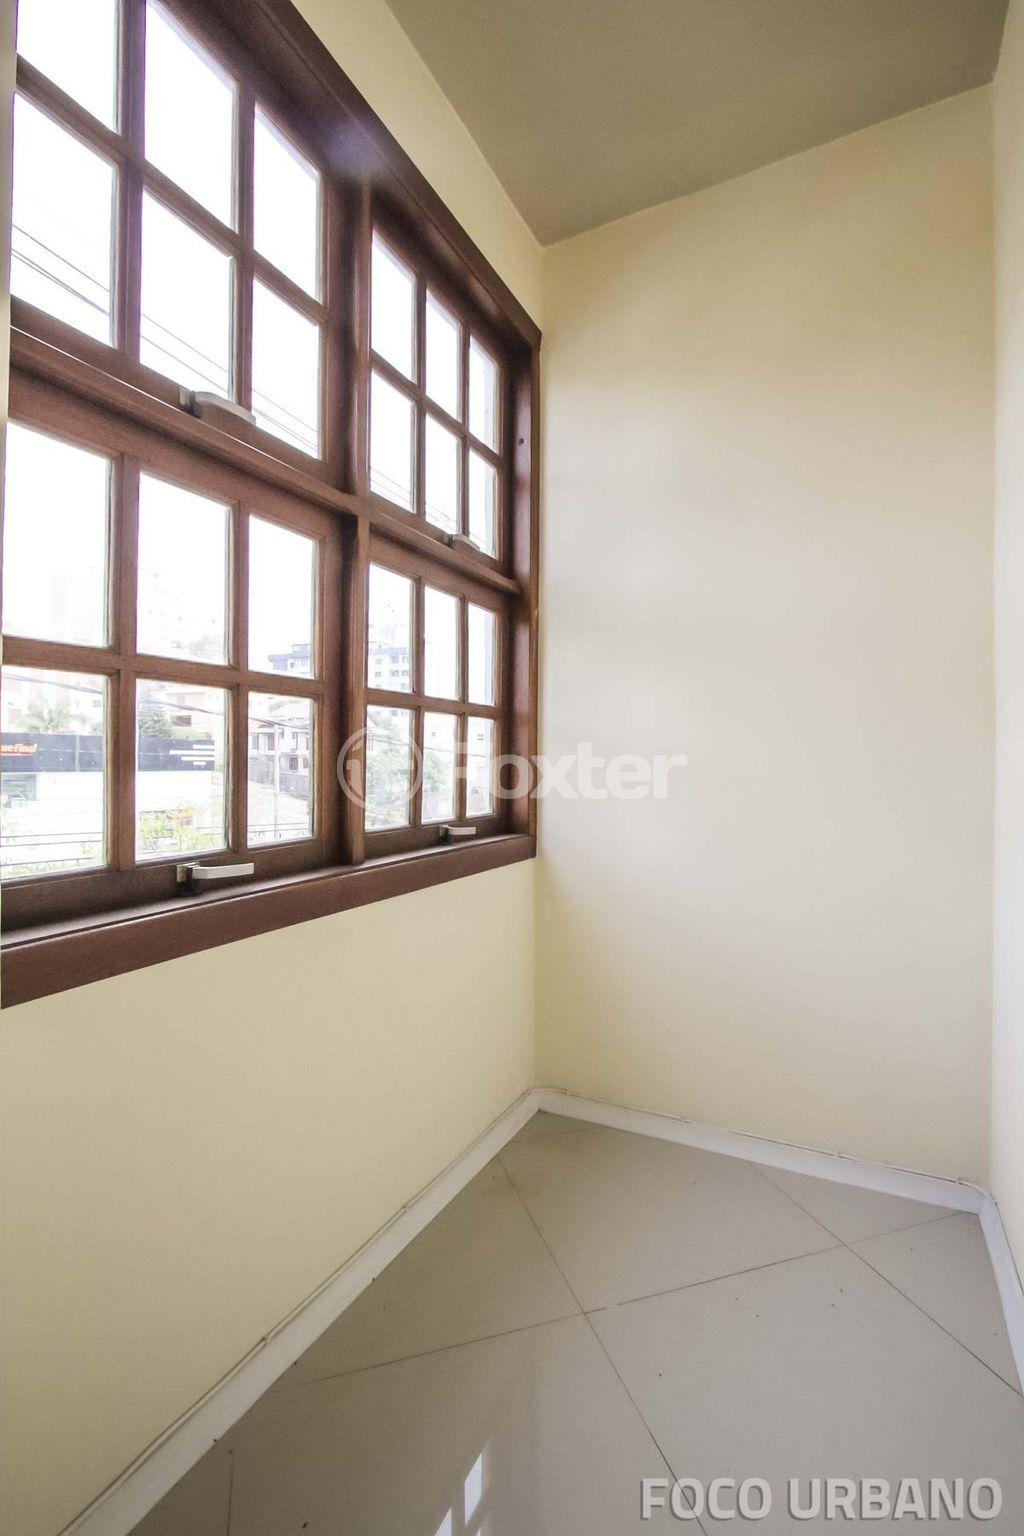 Foxter Imobiliária - Cobertura 1 Dorm (131325) - Foto 5